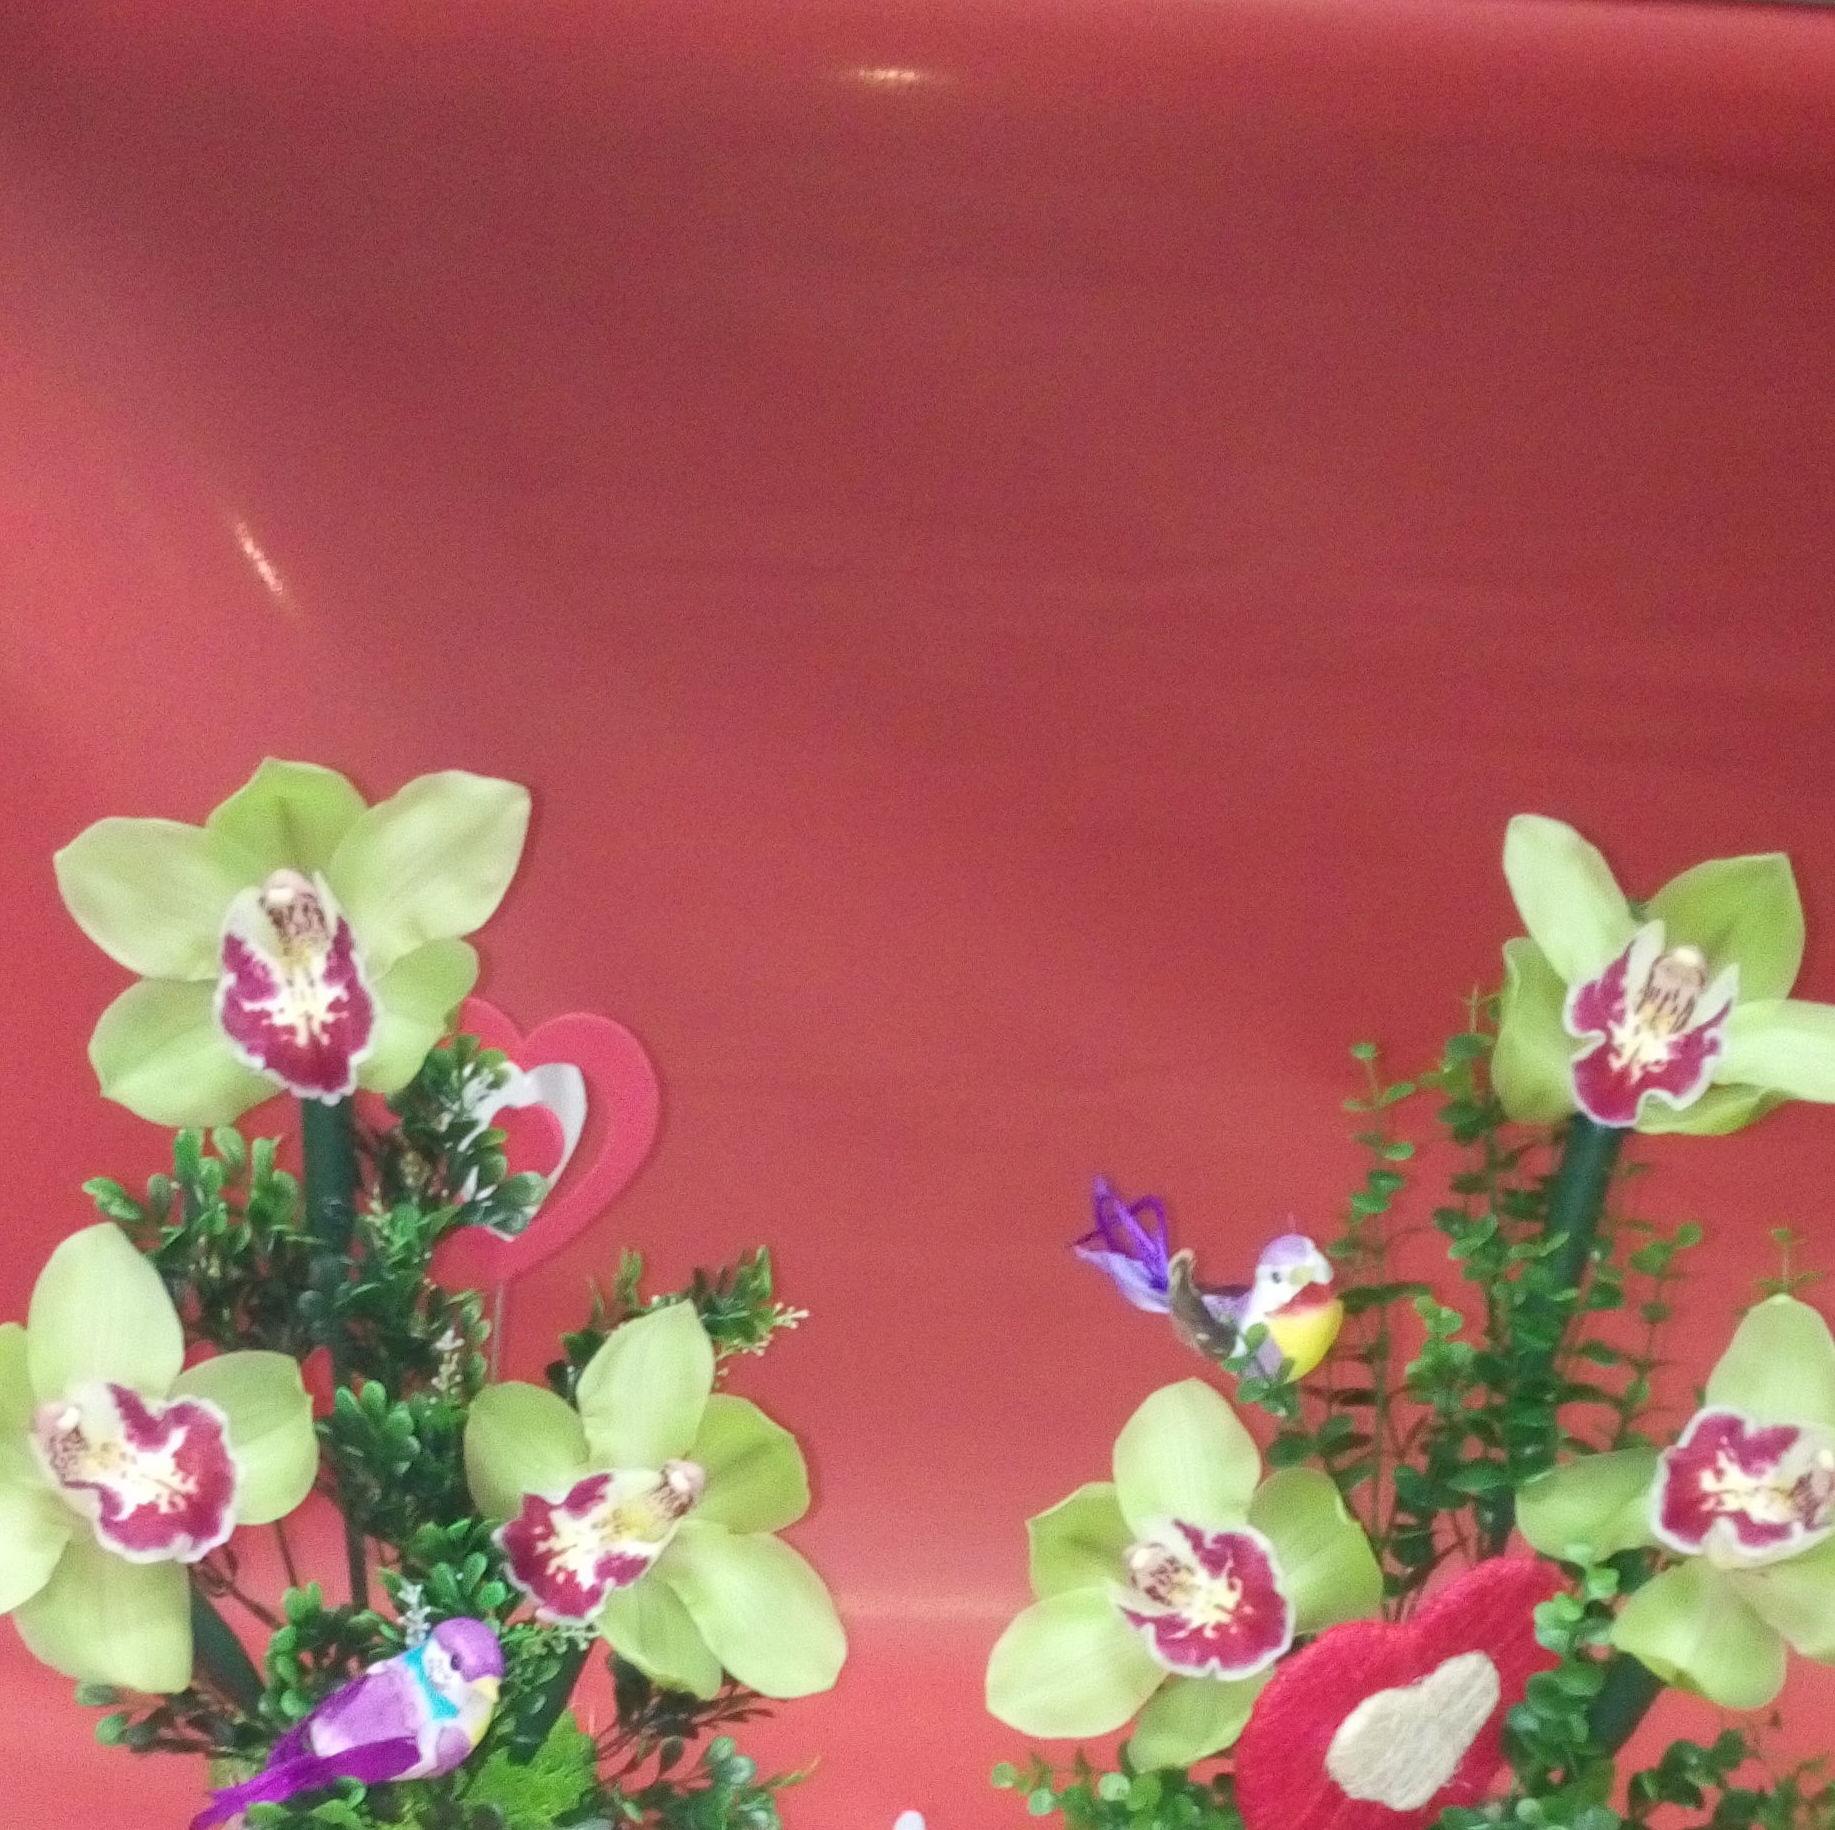 Interflora: Productos de Floristería La Salud